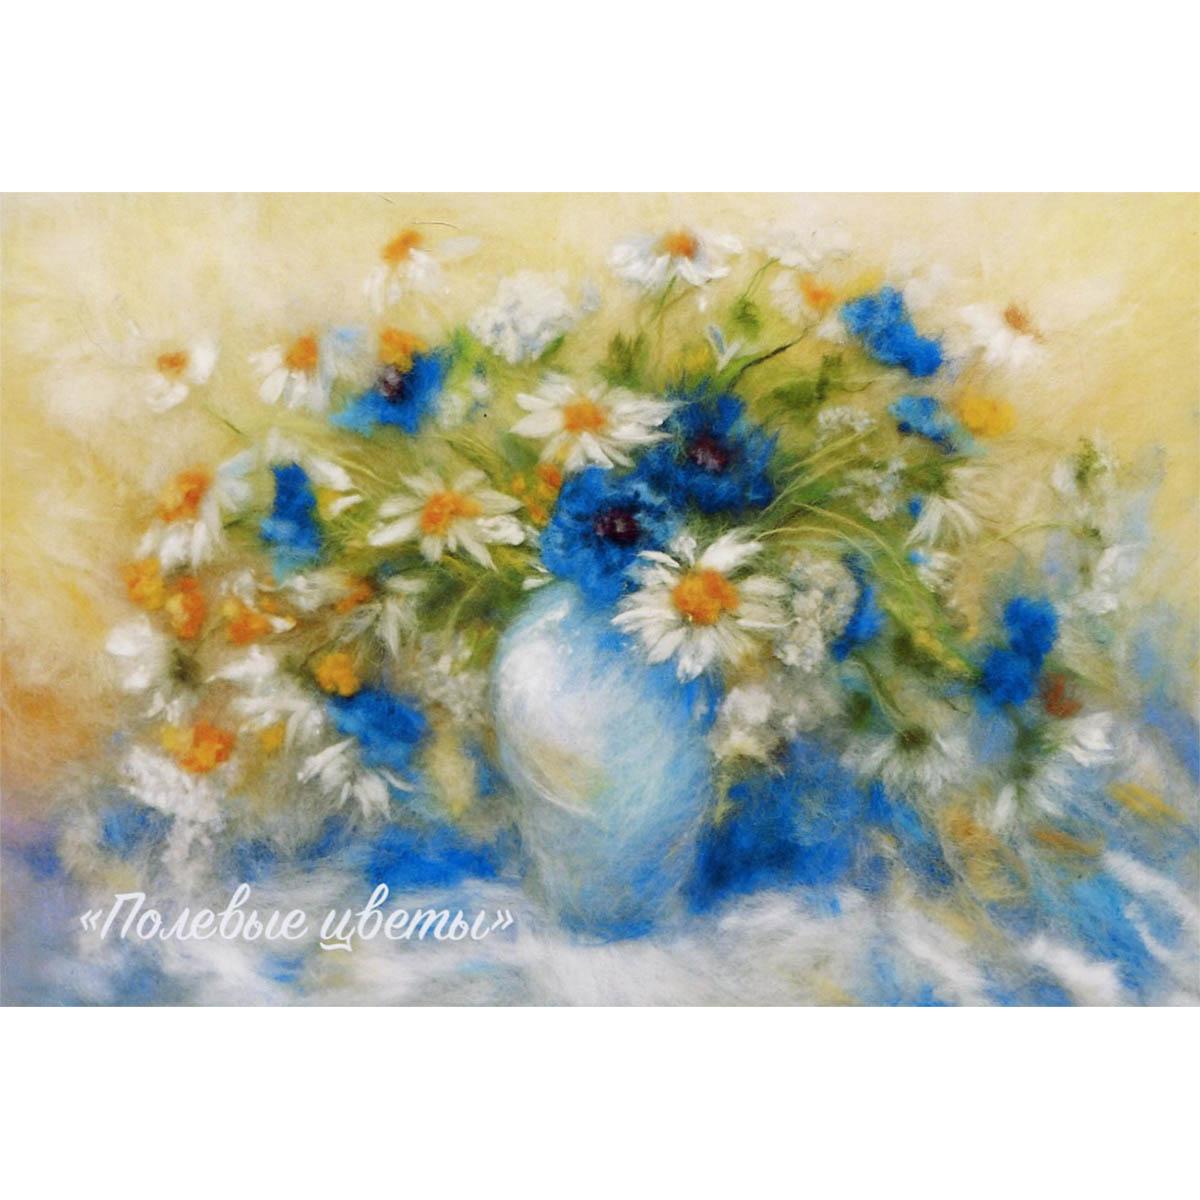 Набор для валяния (живопись цветной шерстью) 'Полевые цветы' 18,5х25 см, без рамы